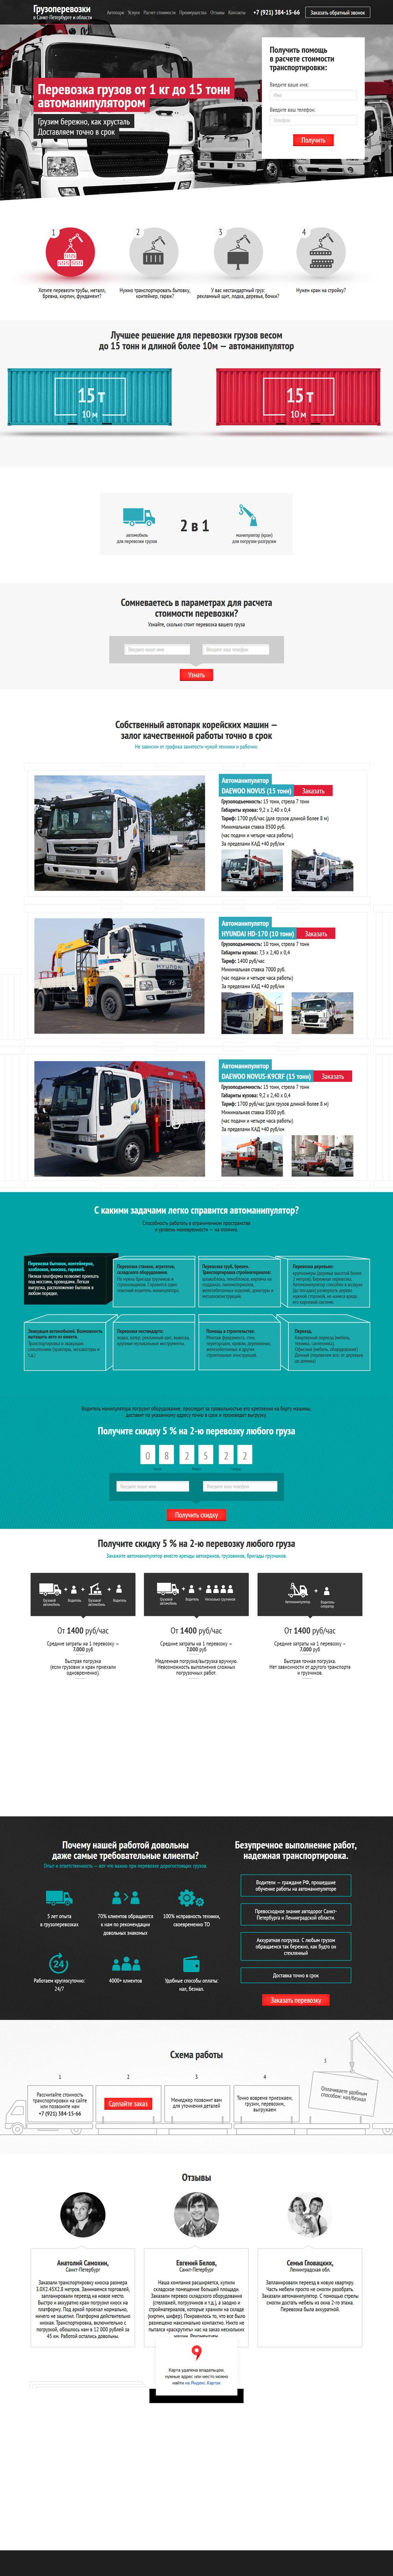 Шаблон лендинга: Перевозки грузов